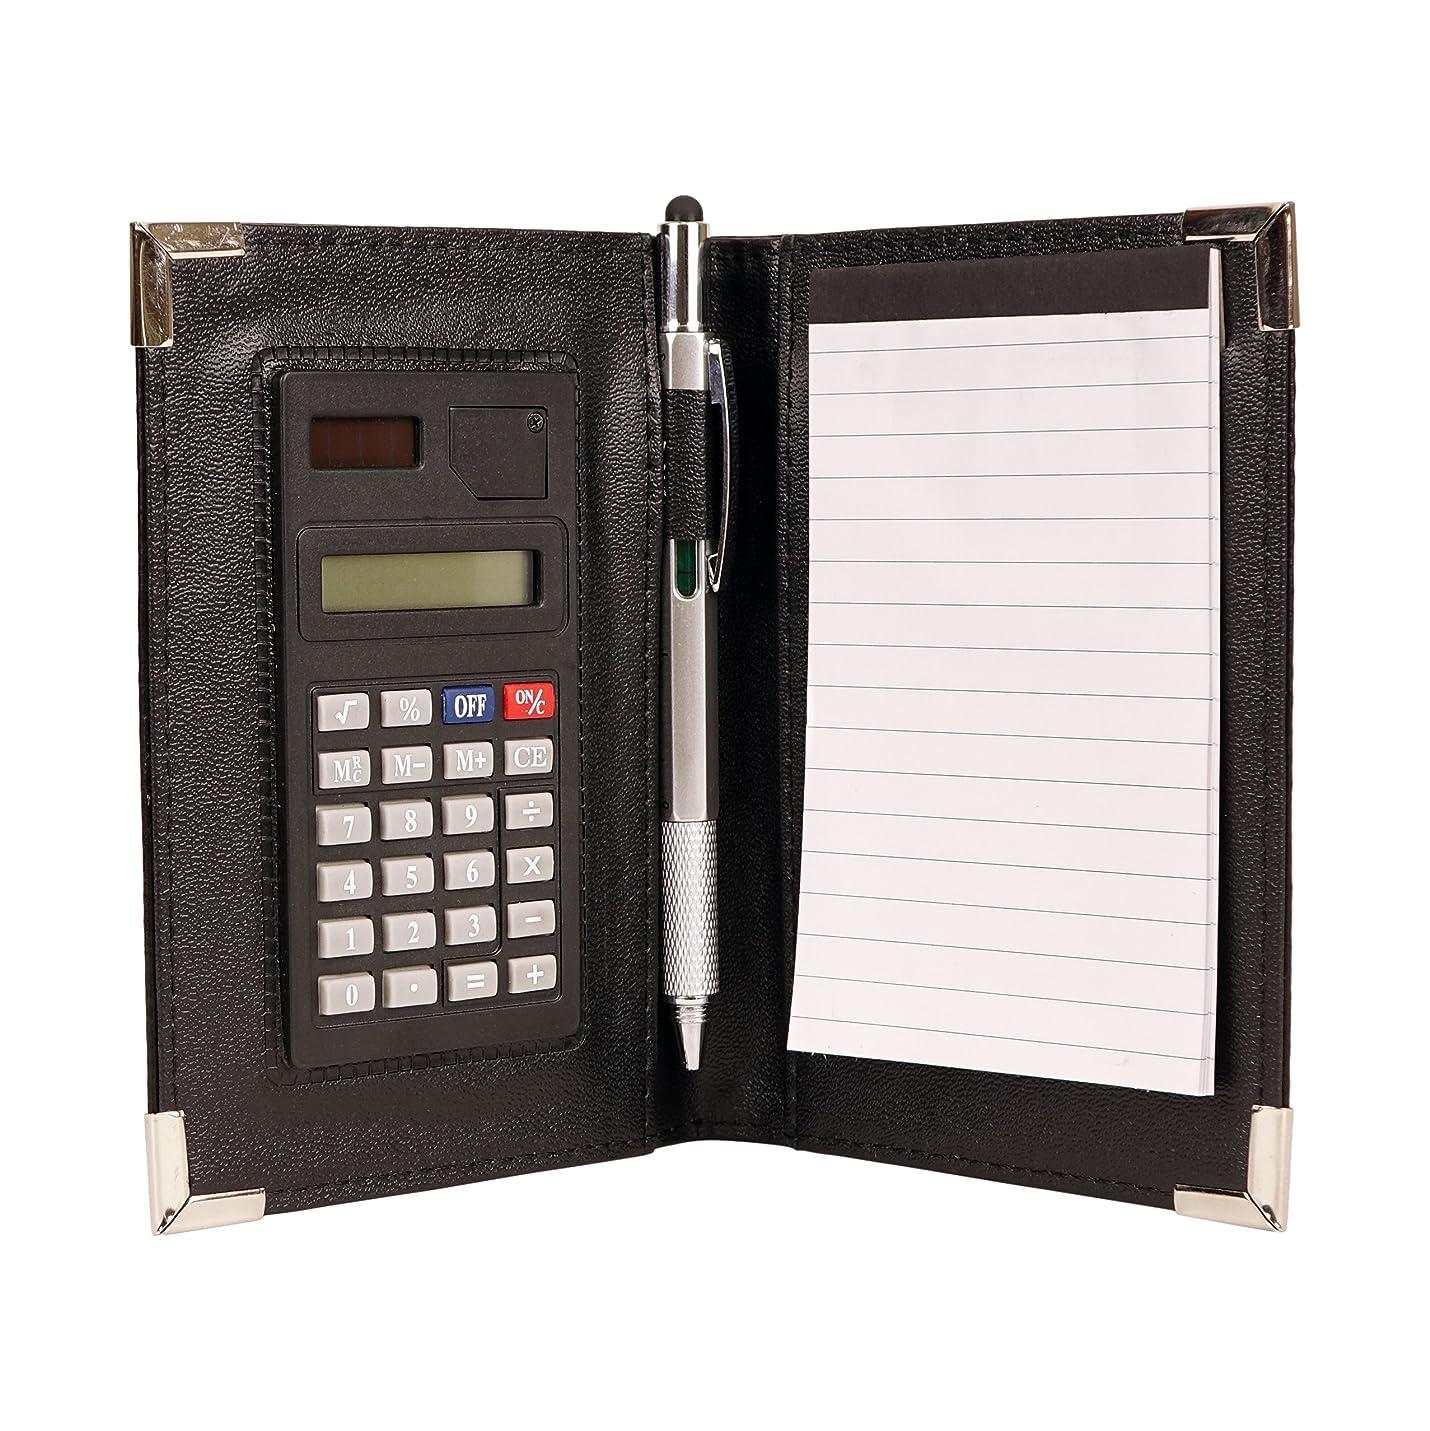 癒す純度シャトルnufazes Mini Jotterメモ帳の計算機とペンホルダー ブラック